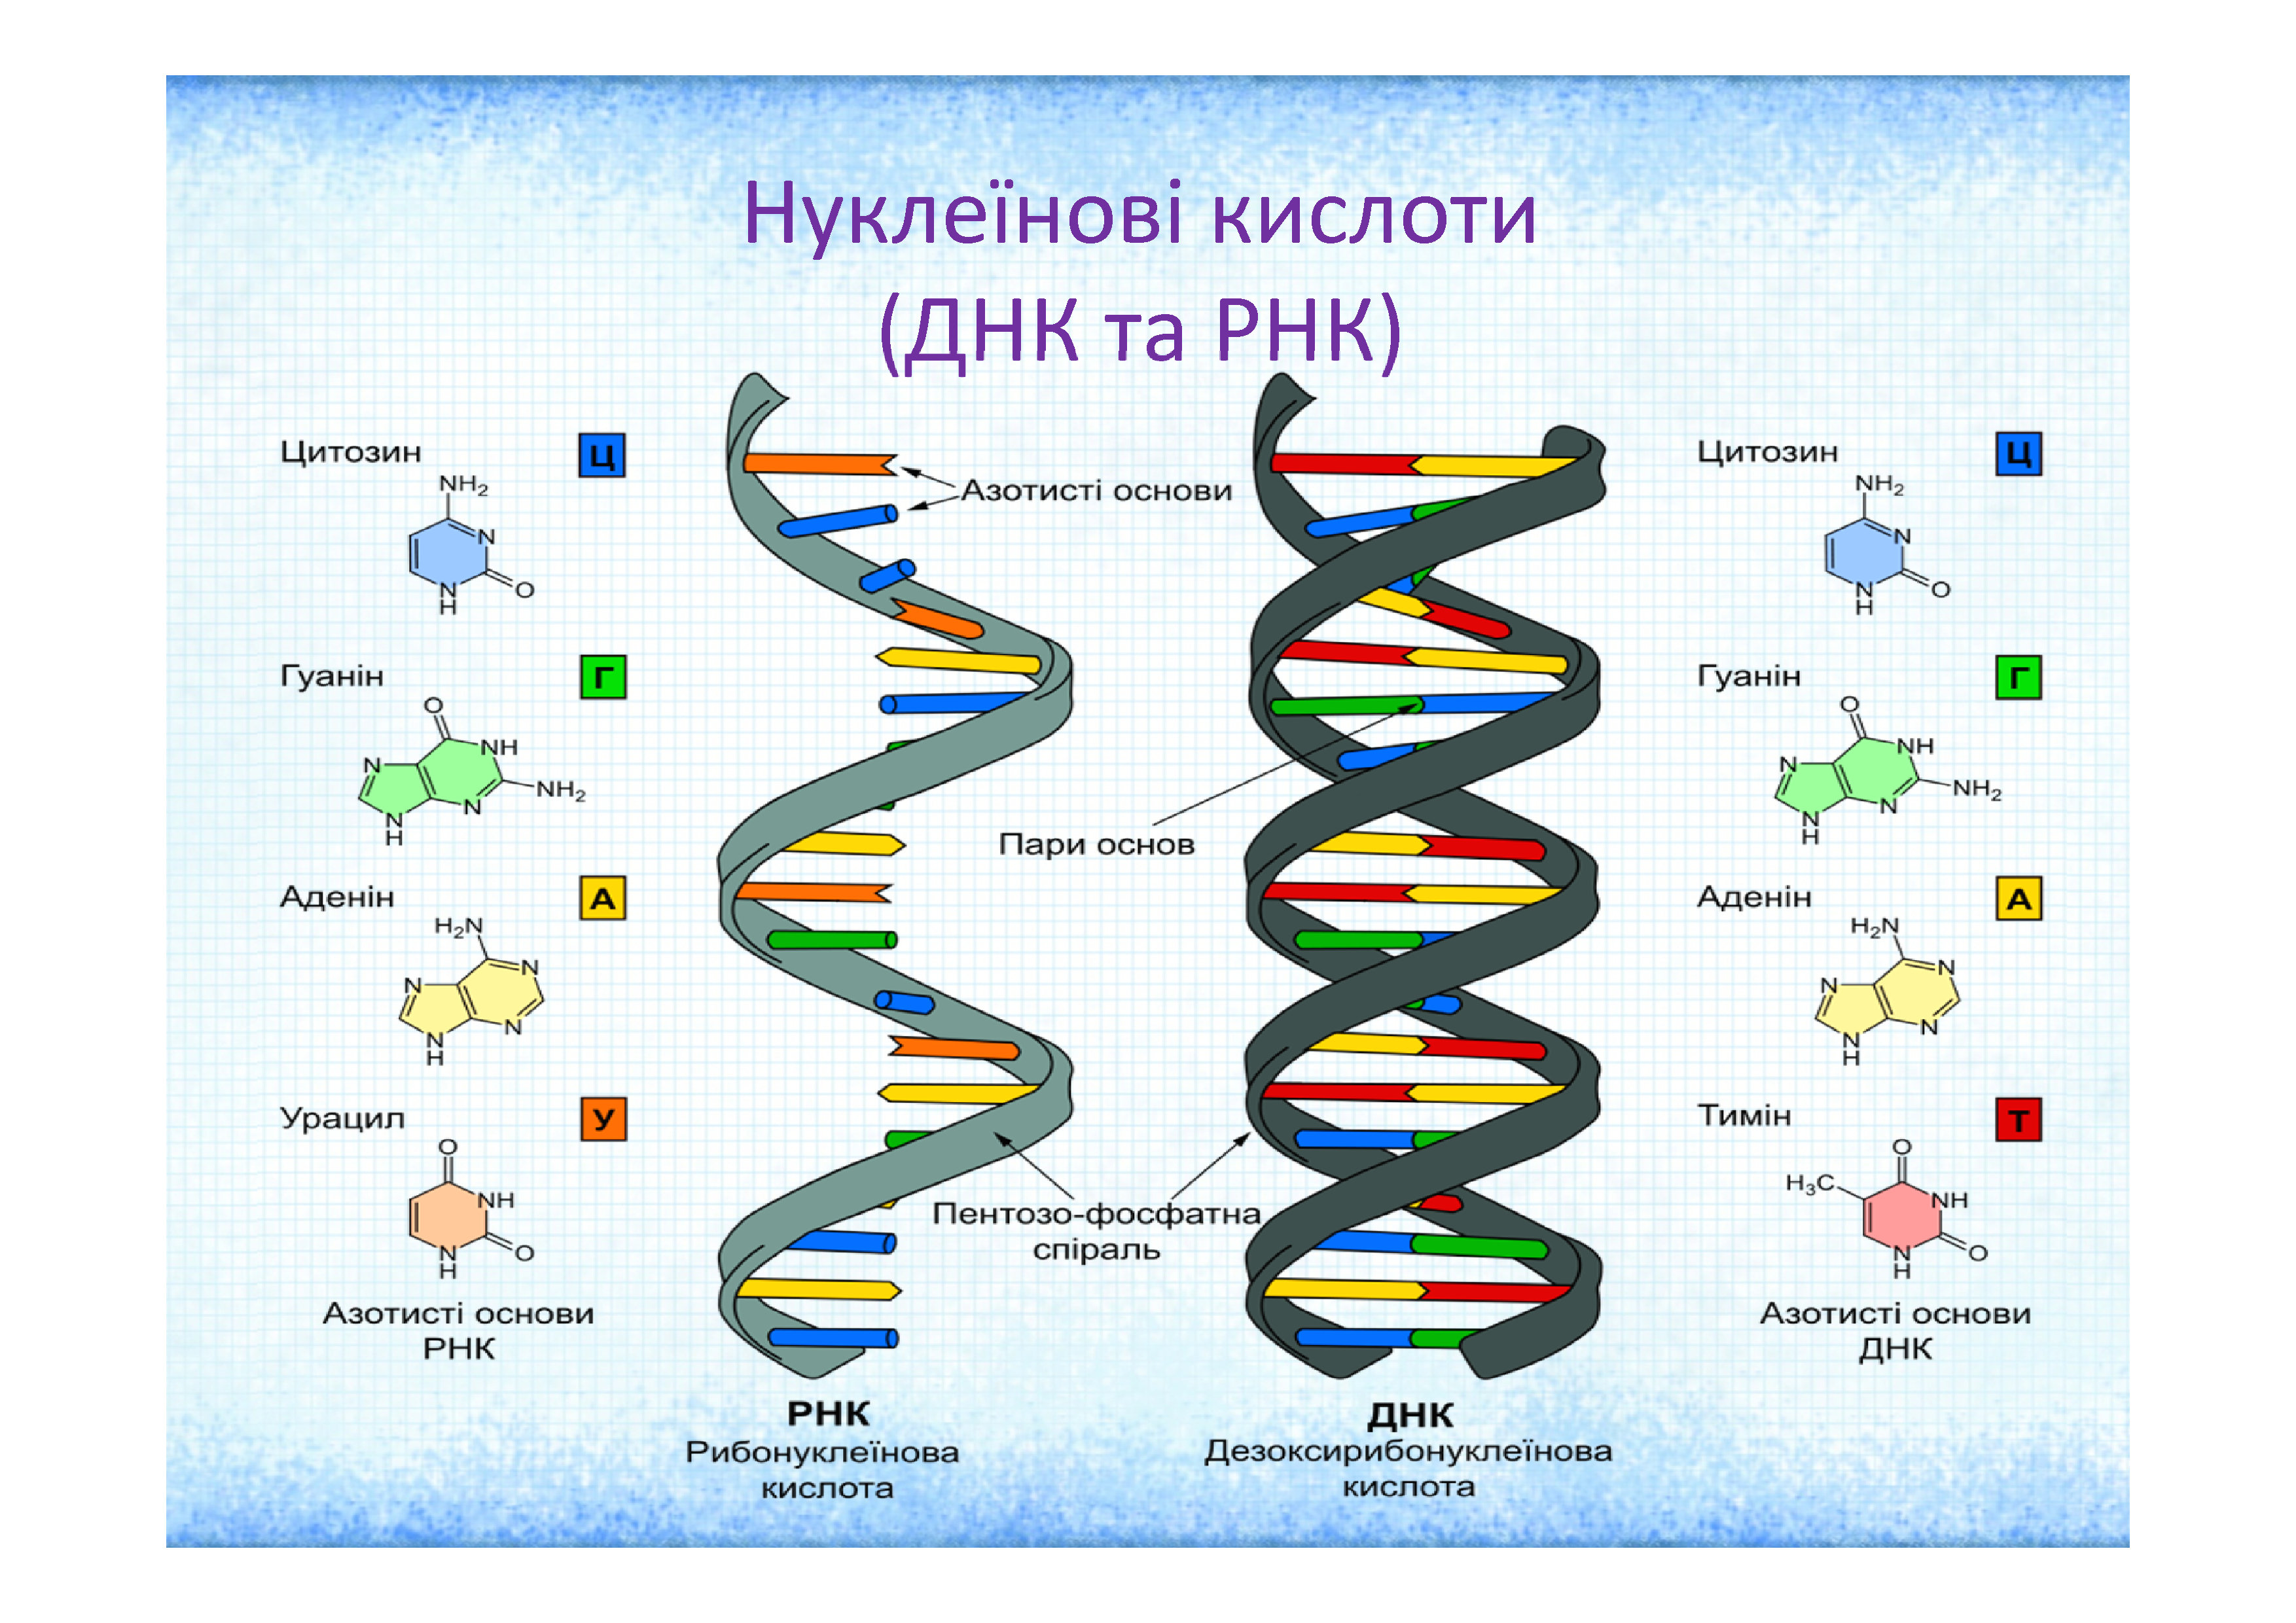 Рнк (рибонуклеиновая кислота)